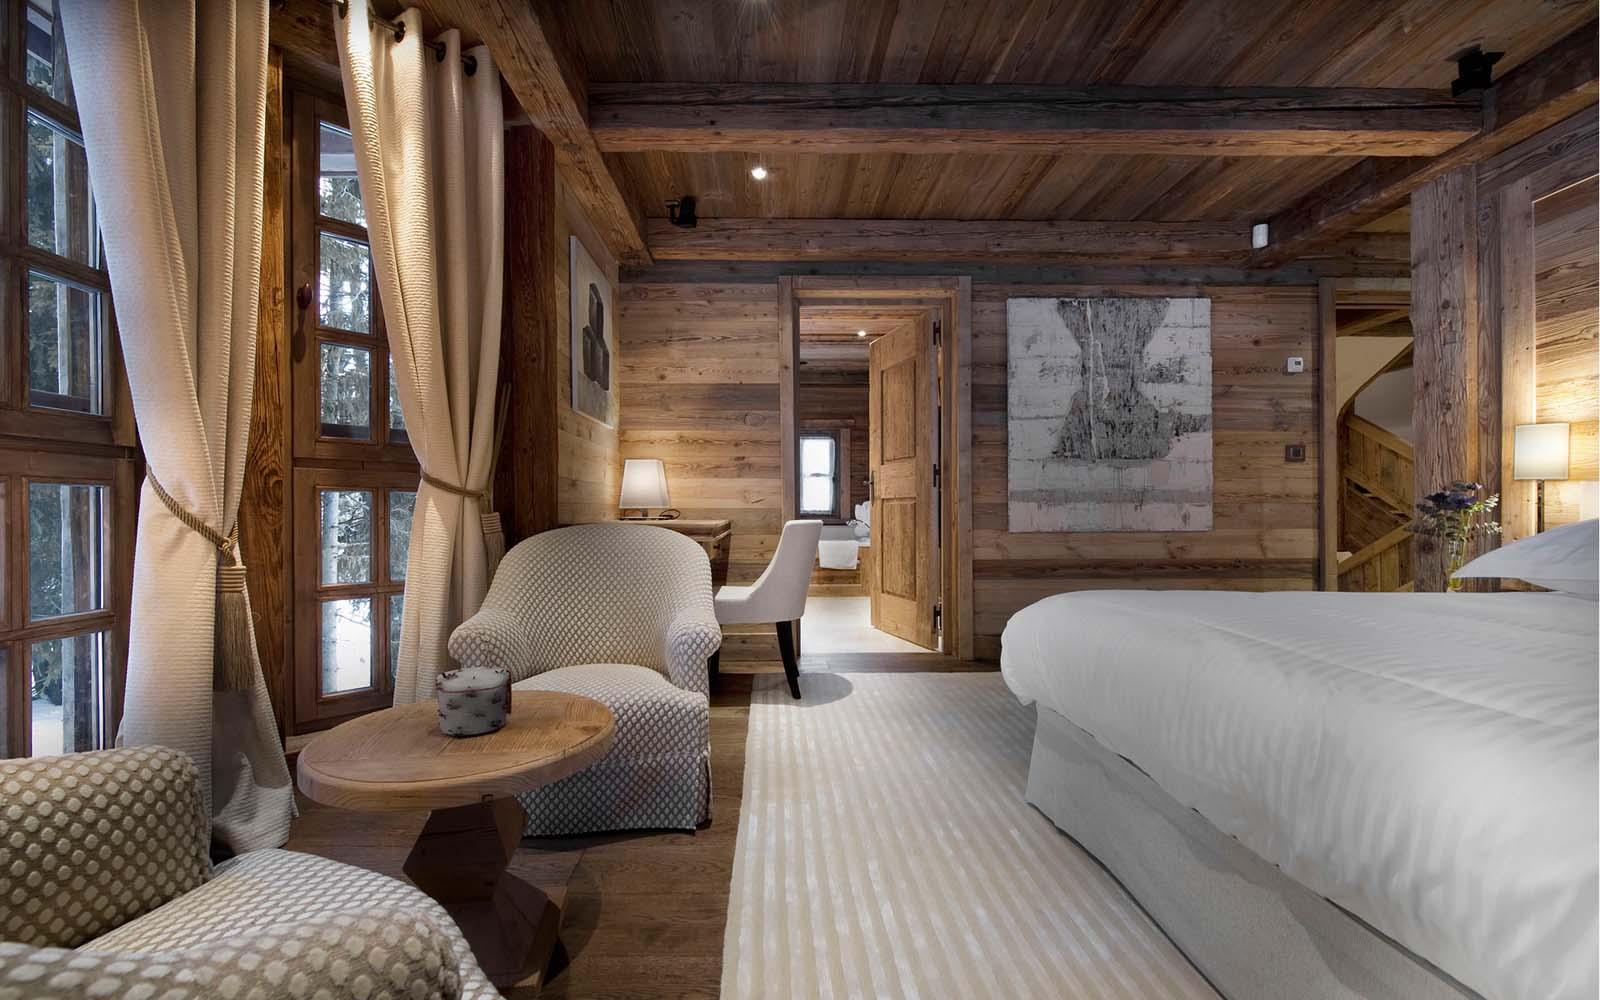 Светлая мебель в интерьере деревянного дома